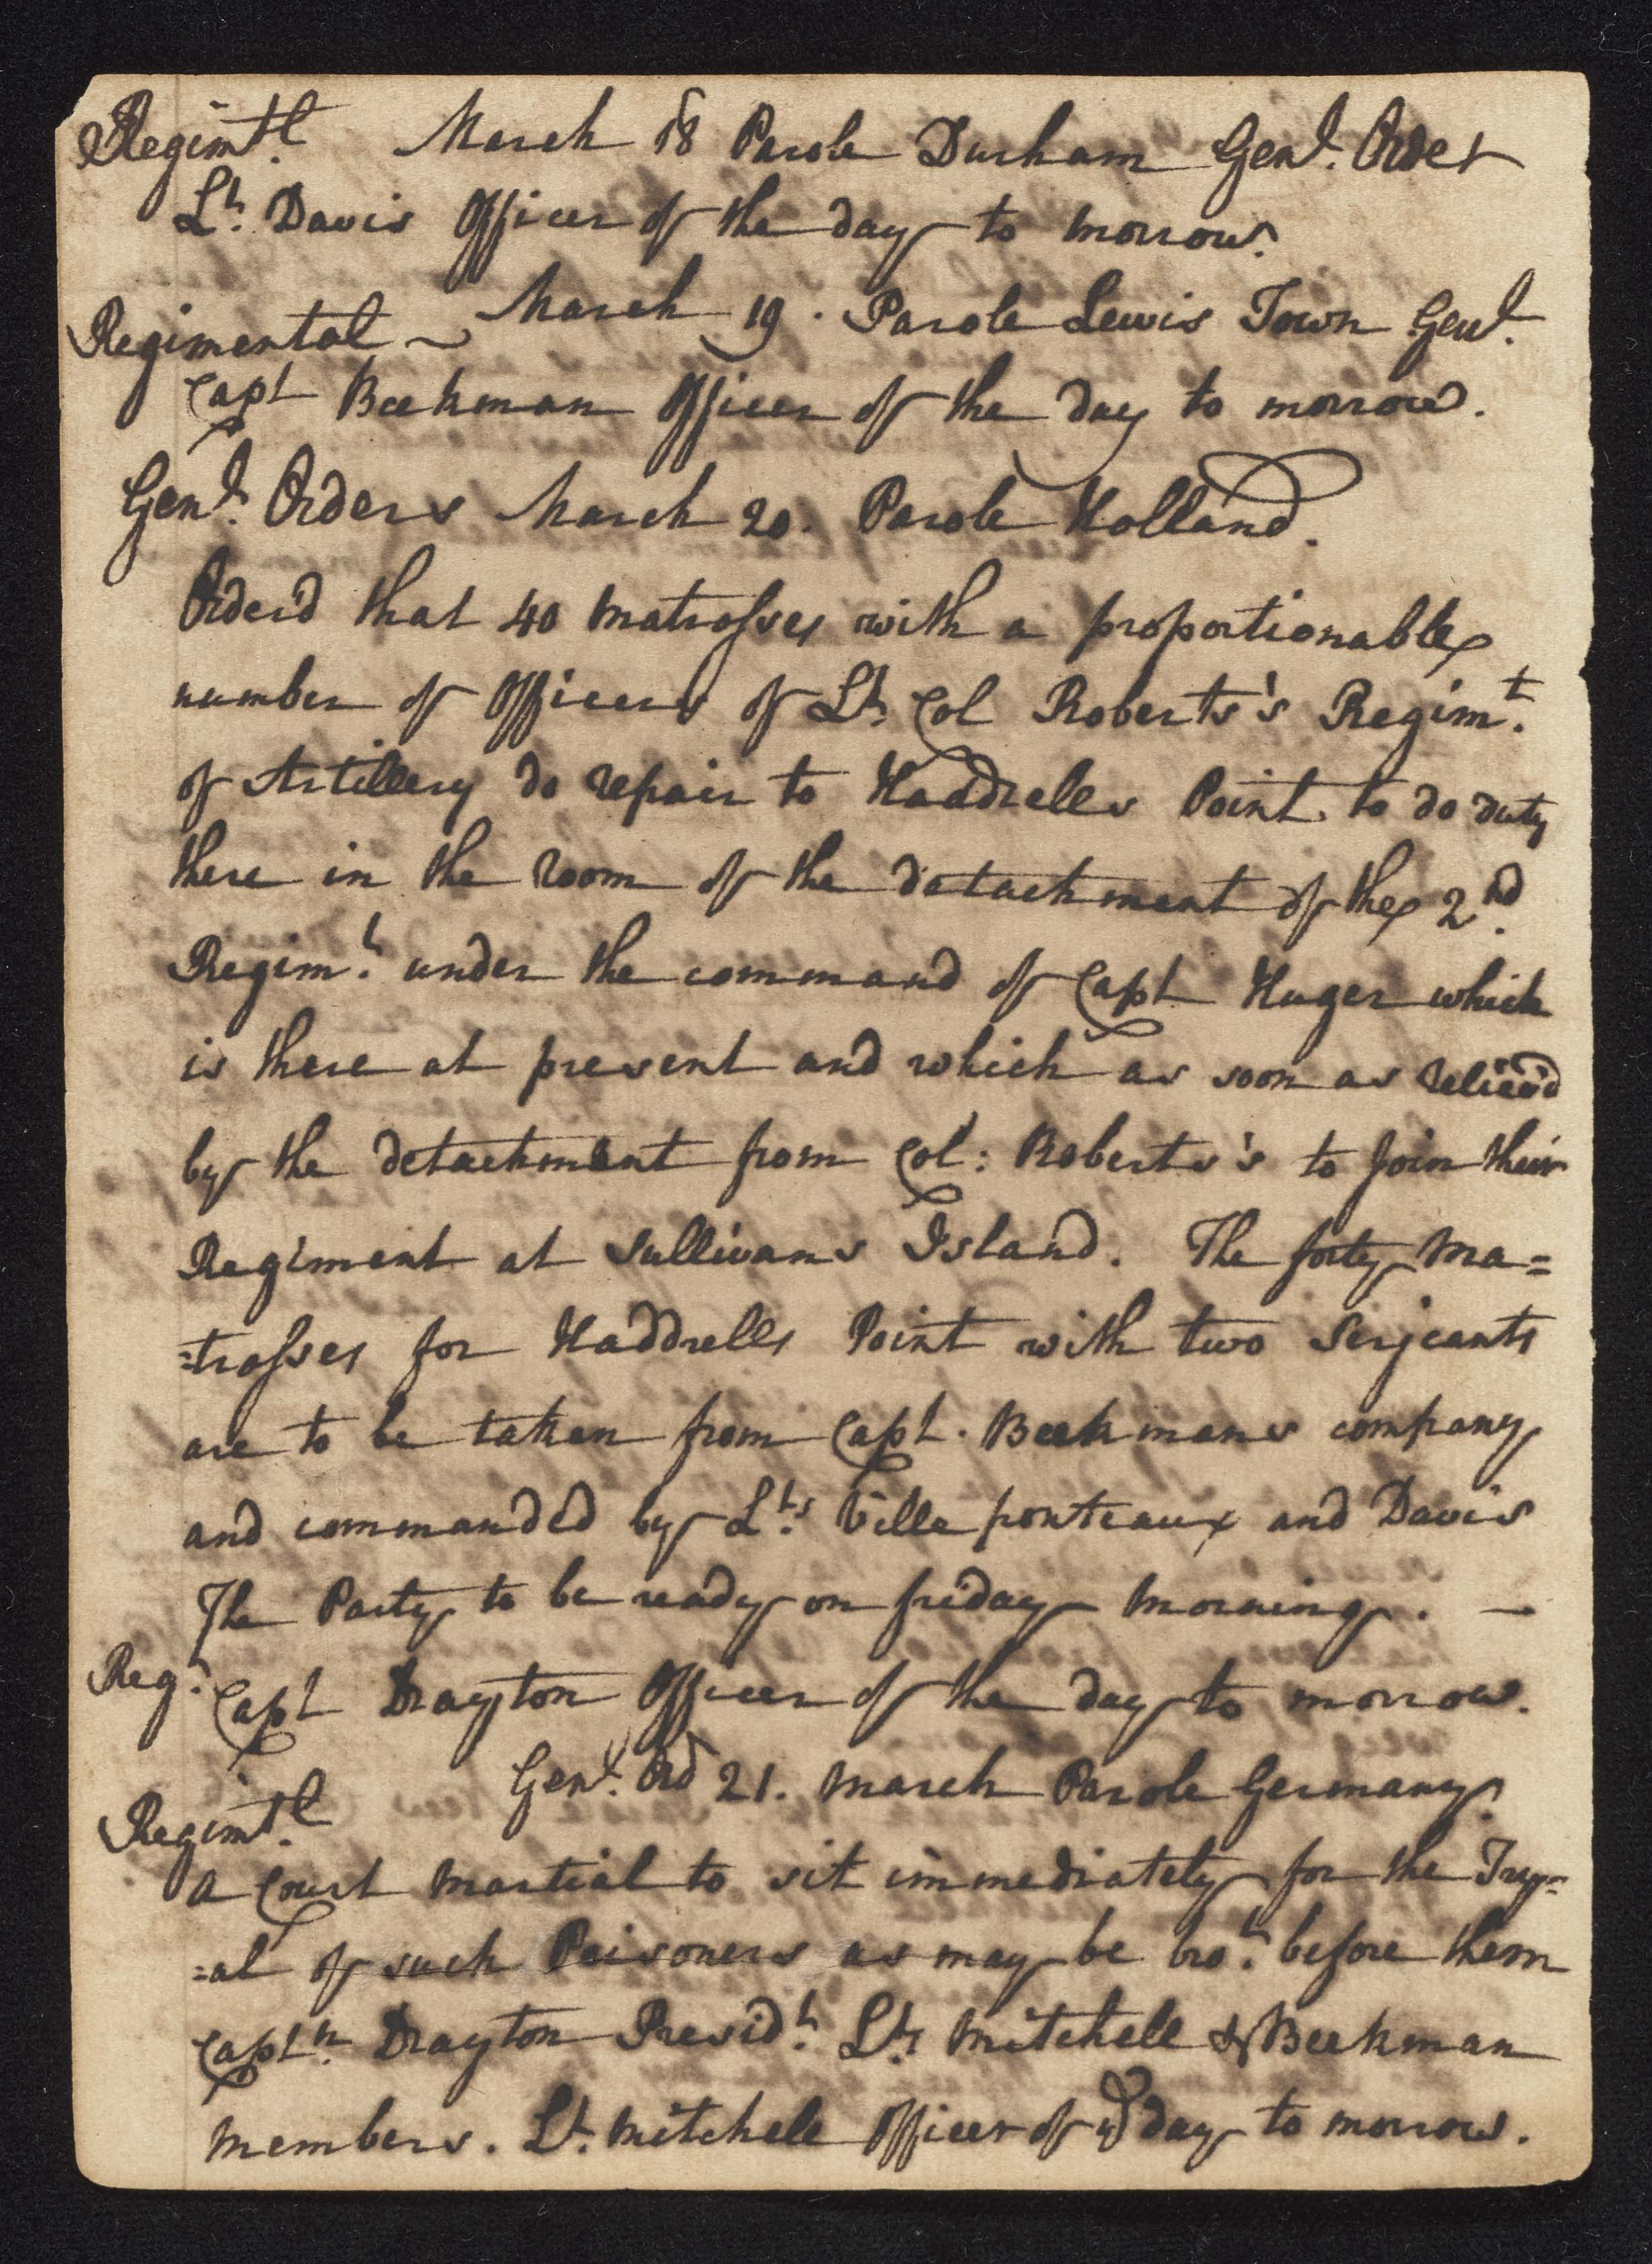 South Carolina Regiment Order Book, Page 86